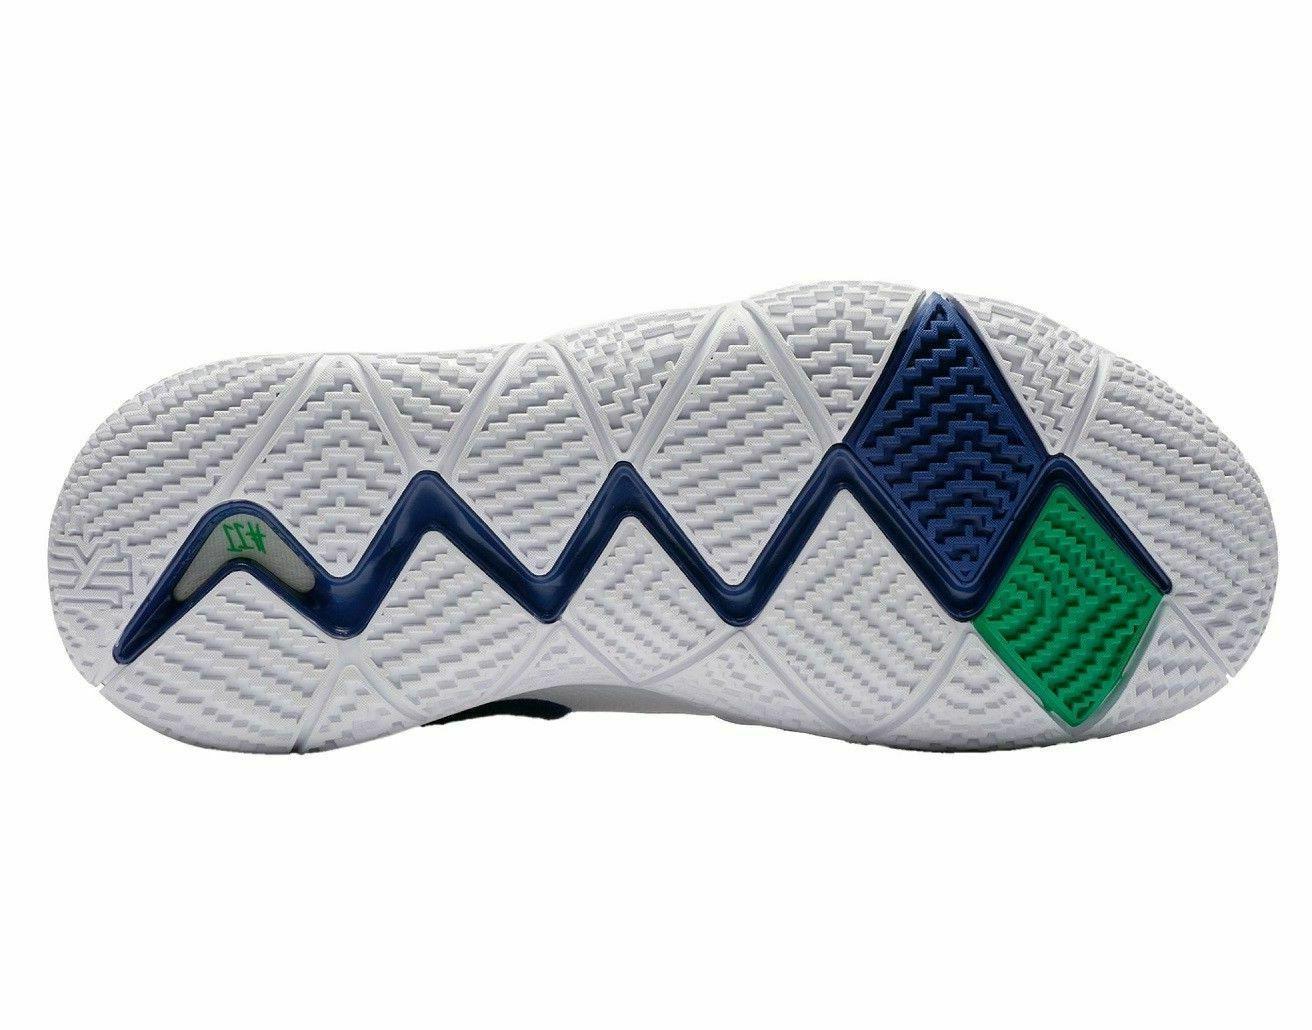 Nike 4 Mens Basketball 943806 White Deep Royal Seahawks NIB